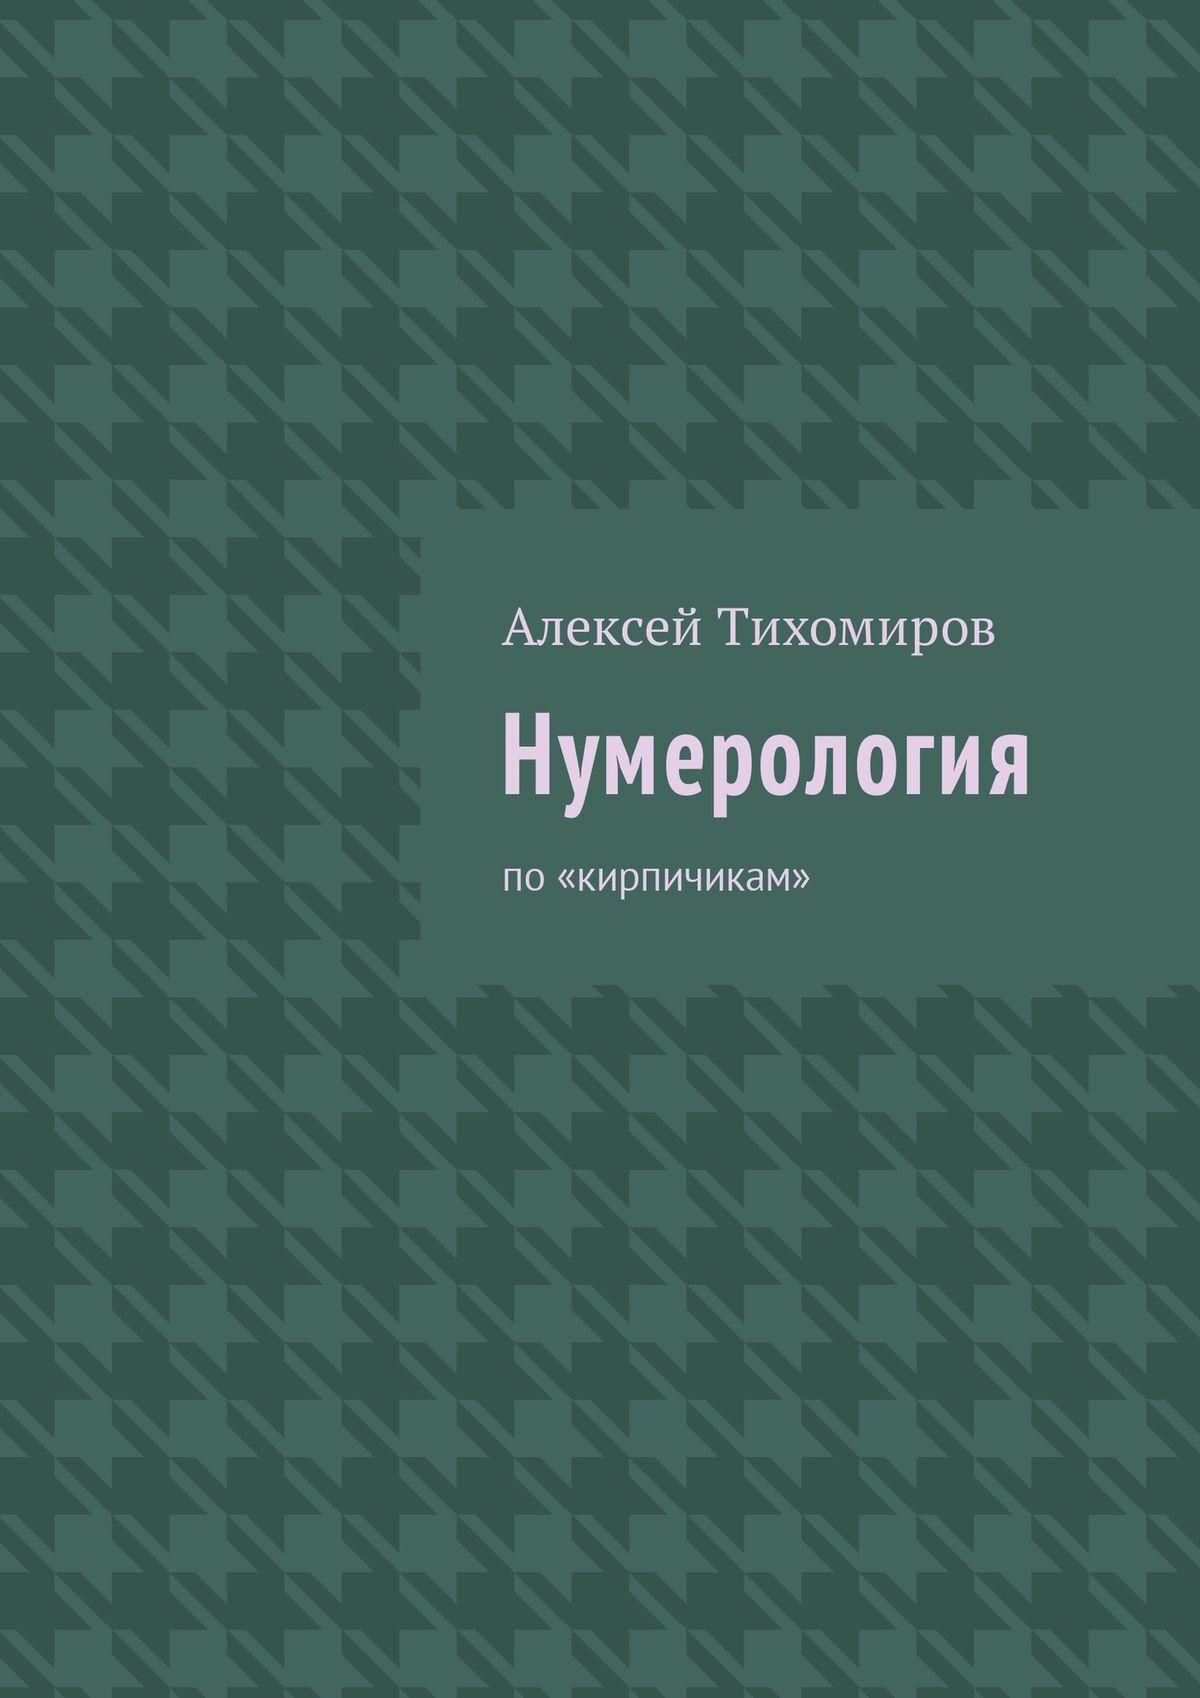 Алексей Тихомиров Нумерология. По«кирпичикам»